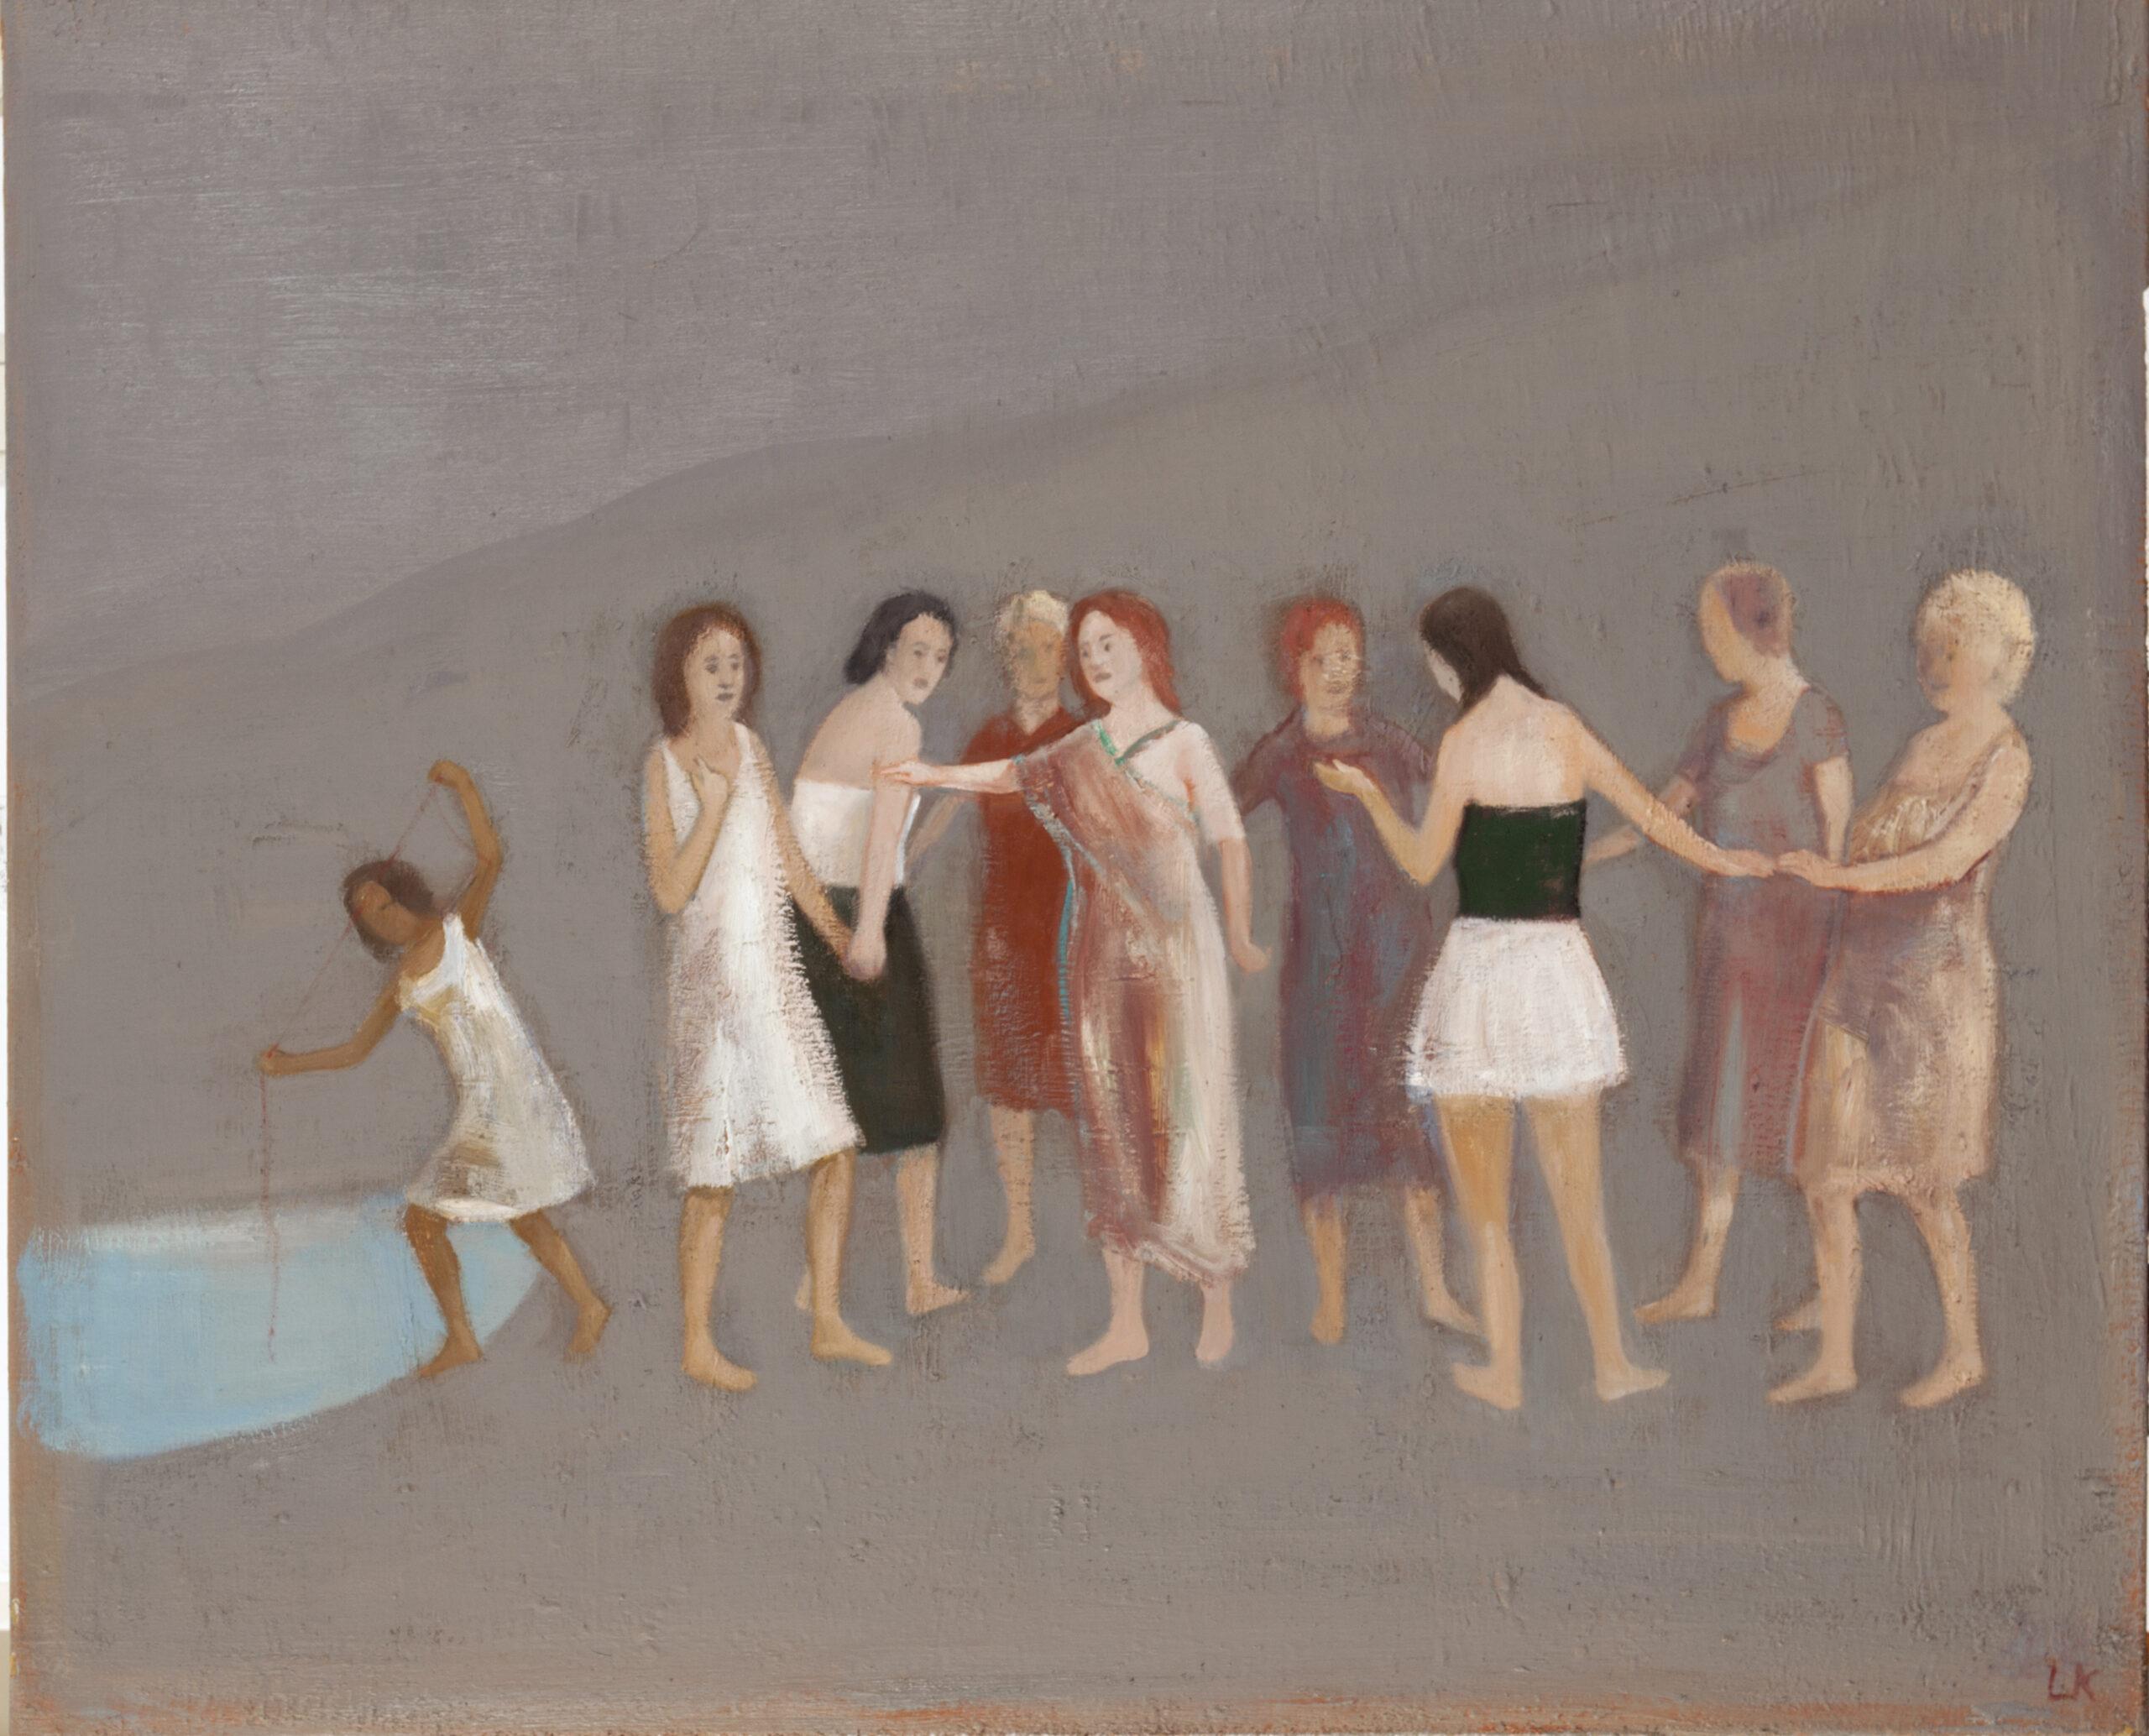 Leander Kaiser, Die Forderung, unterbrochener Kreis, Öl auf Leinwand, 90 × 110 cm, 2018